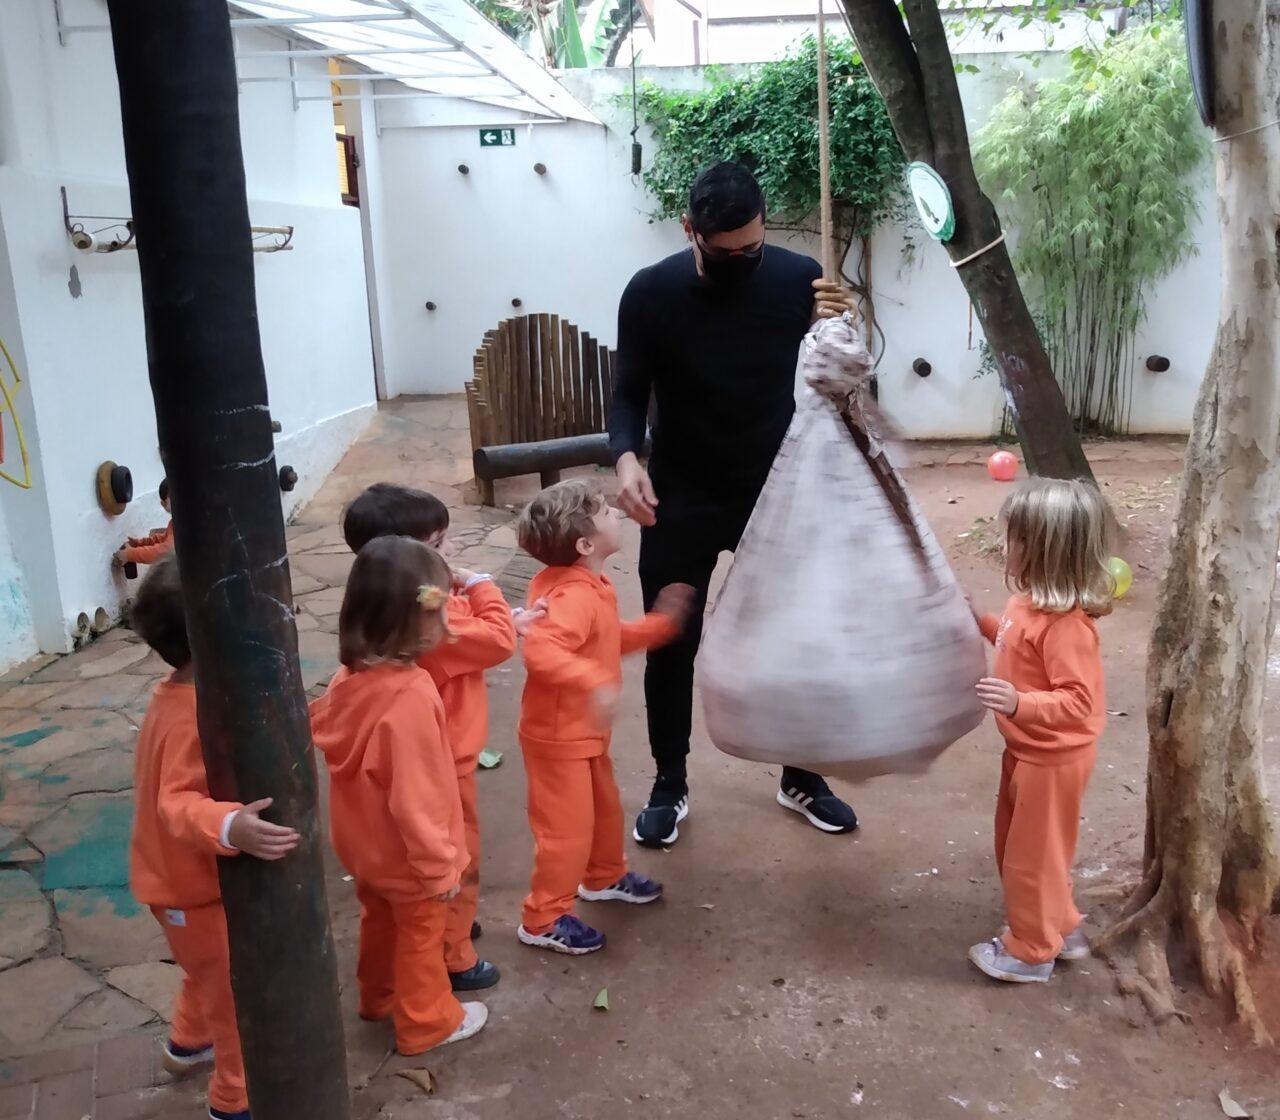 A imagem mostra um adulto vestindo roupa preta segurando na corda de um casulo feito de tecido. O casulo está preso pela corda em uma árvore. Ao redor algumas crianças de roupa cor de laranja observam.